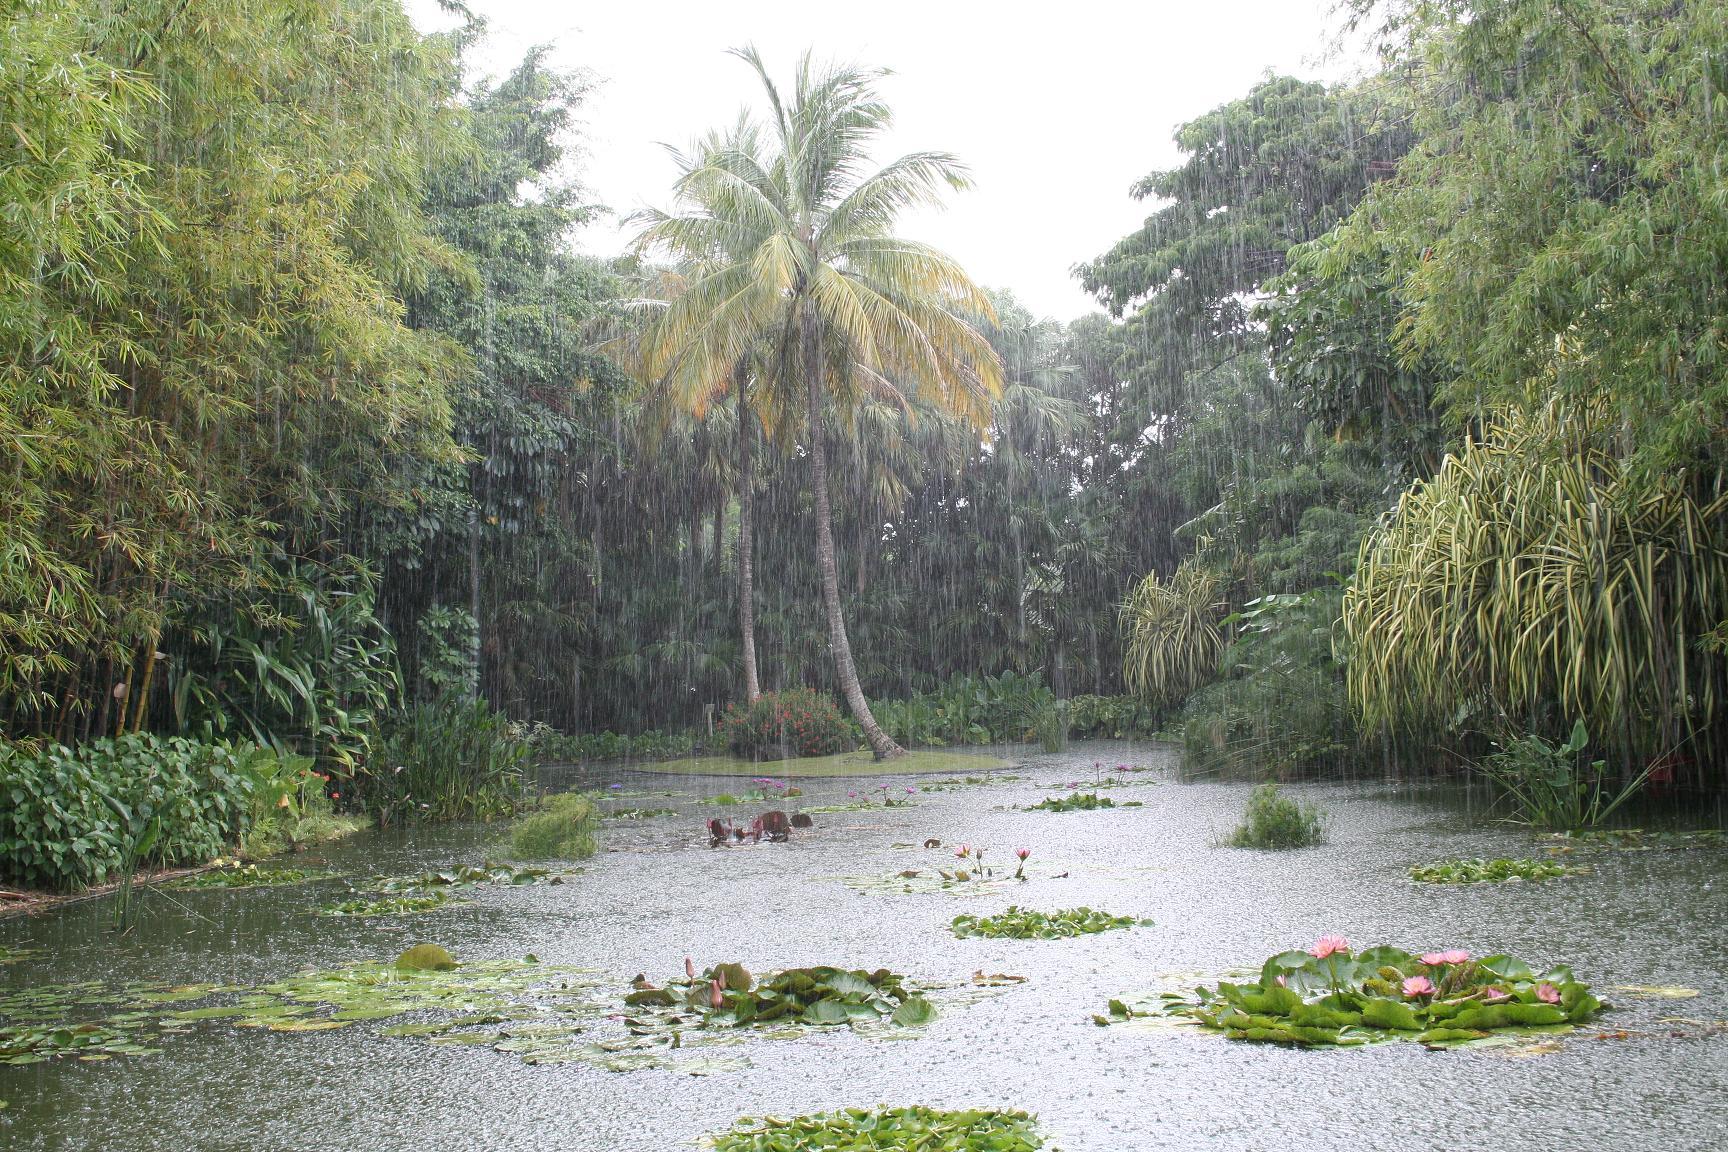 Jardin botanique de Deshaies - Wikipedia